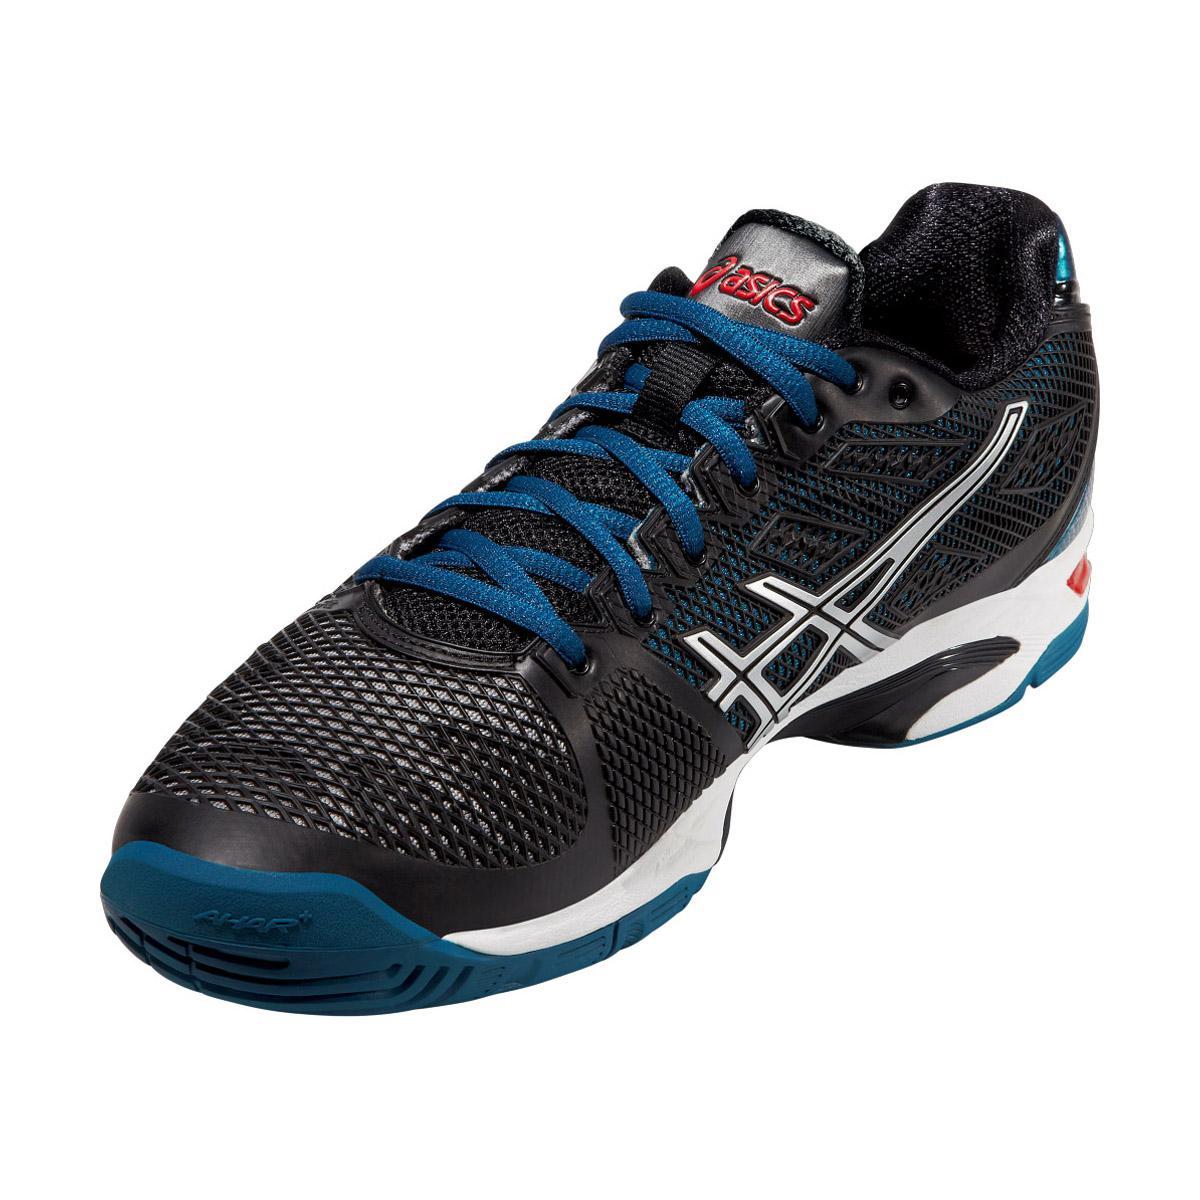 Asics Solución De Gel Zapatos Tenis De La Velocidad Para Hombre 6LwiW